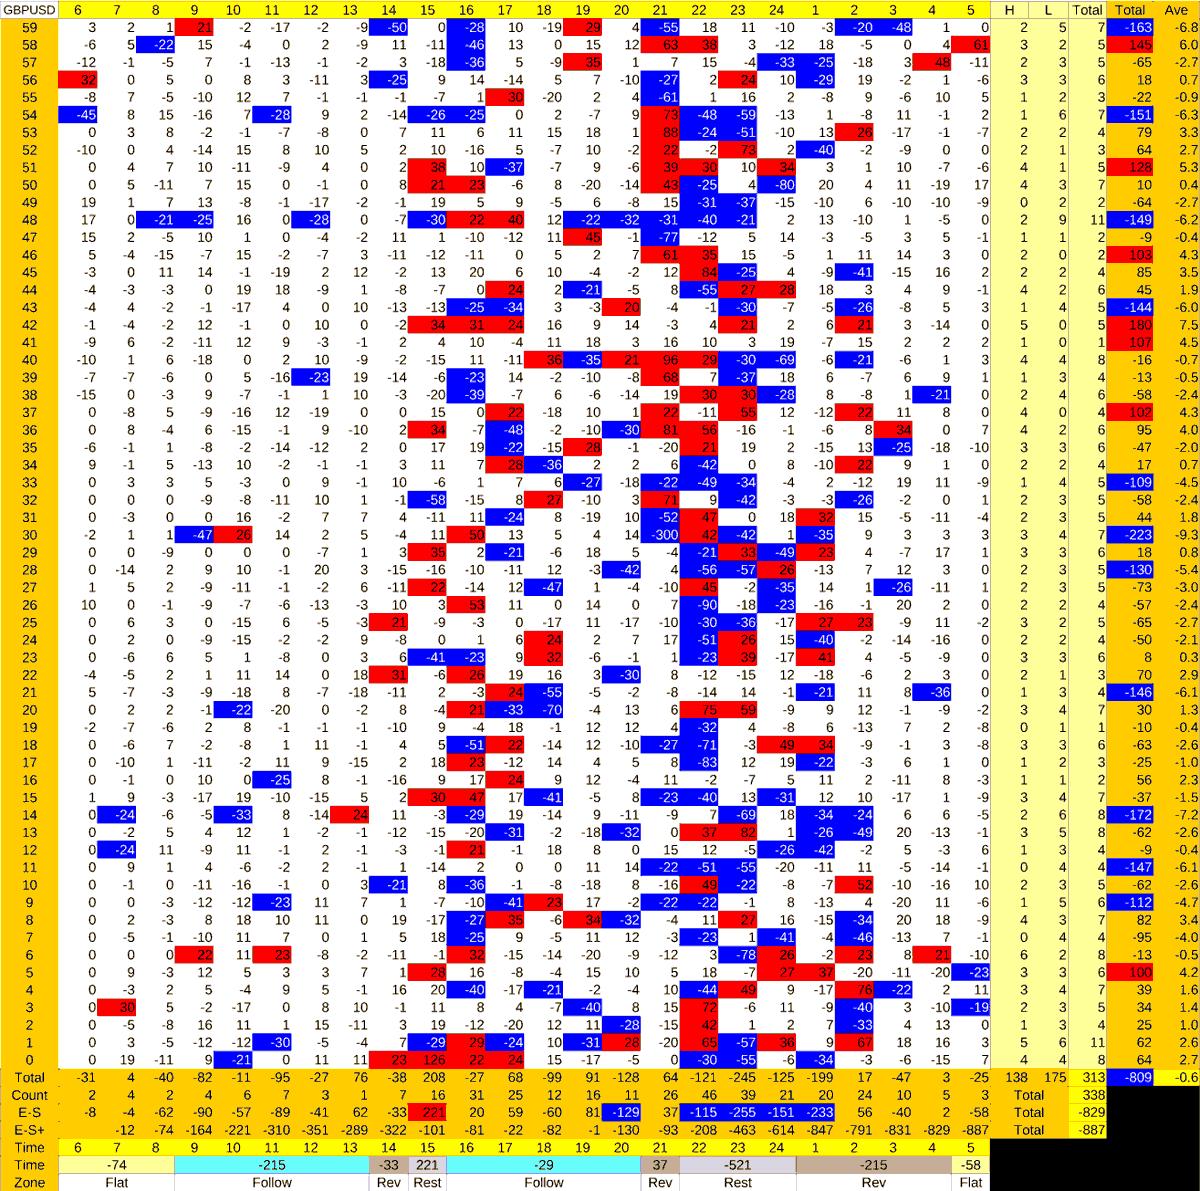 20210512_HS(2)GBPUSD